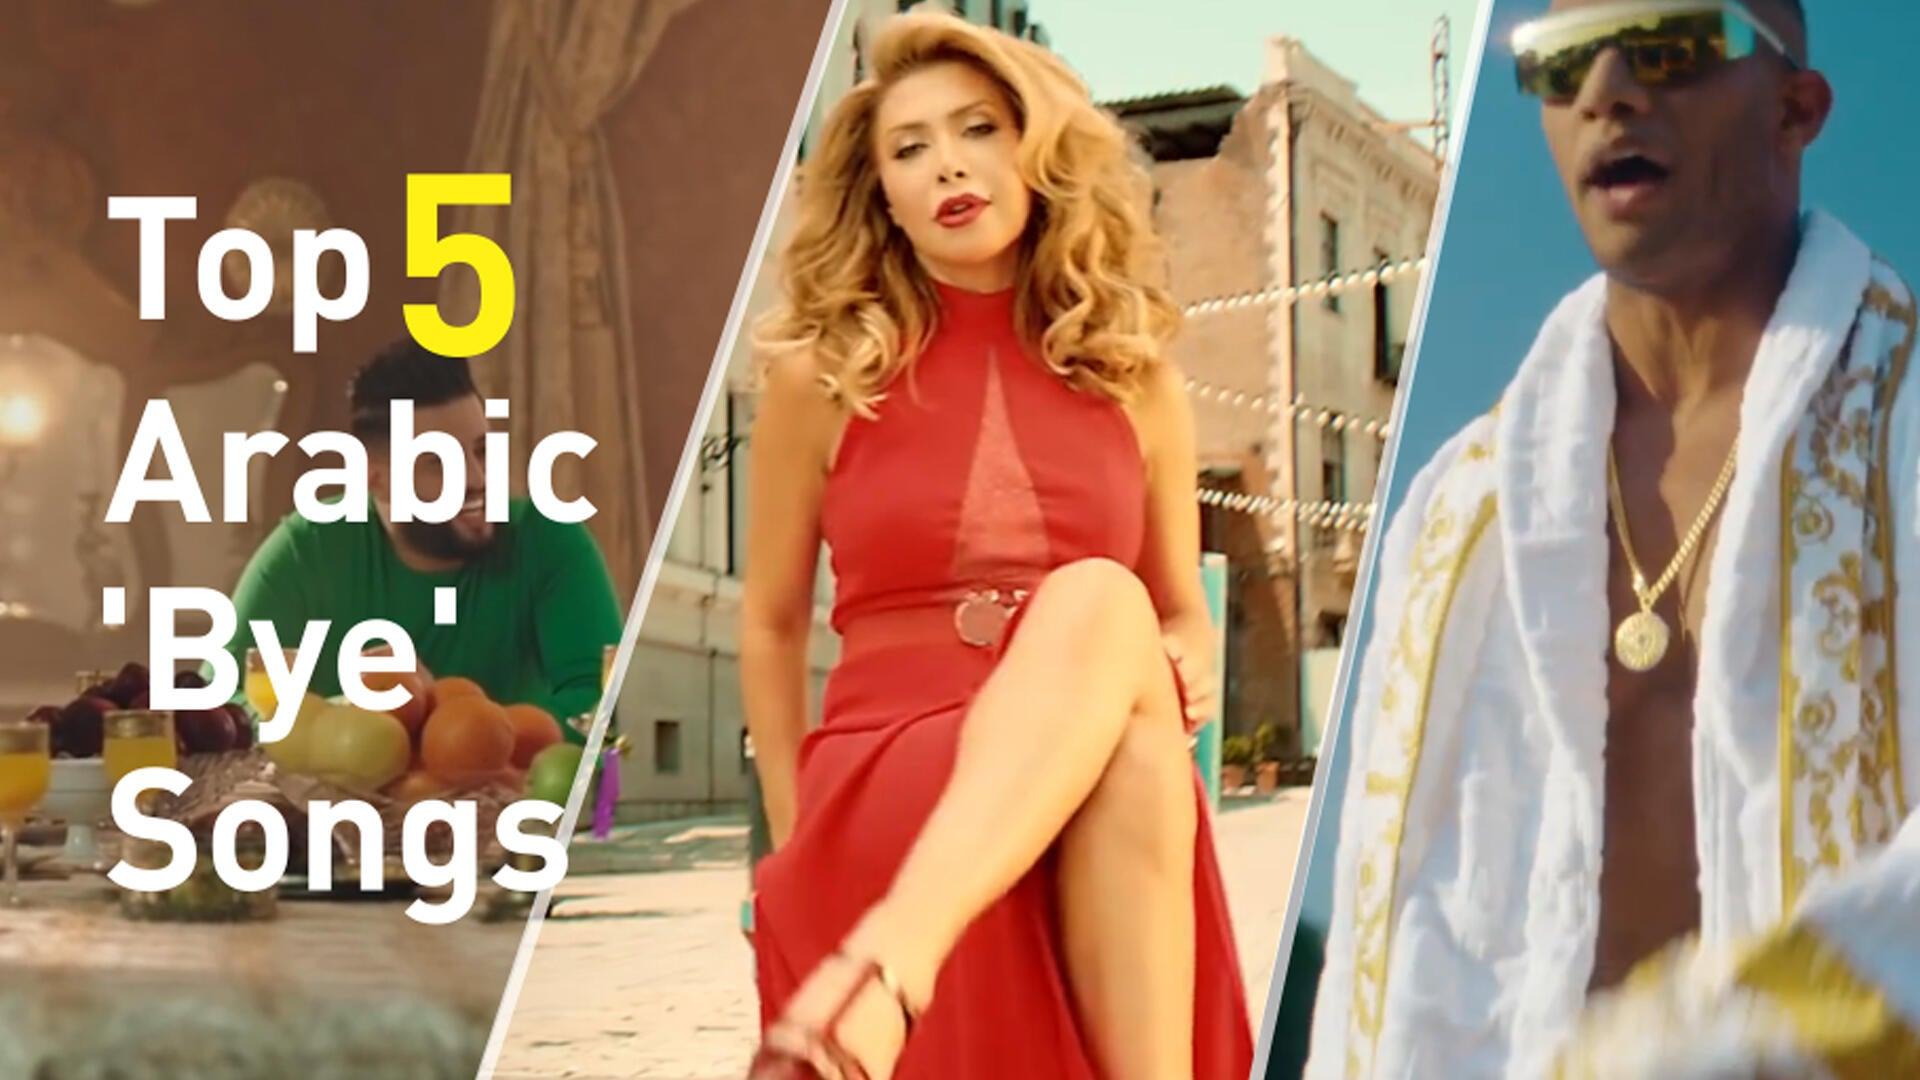 Top 5 Arabic Bye Songs